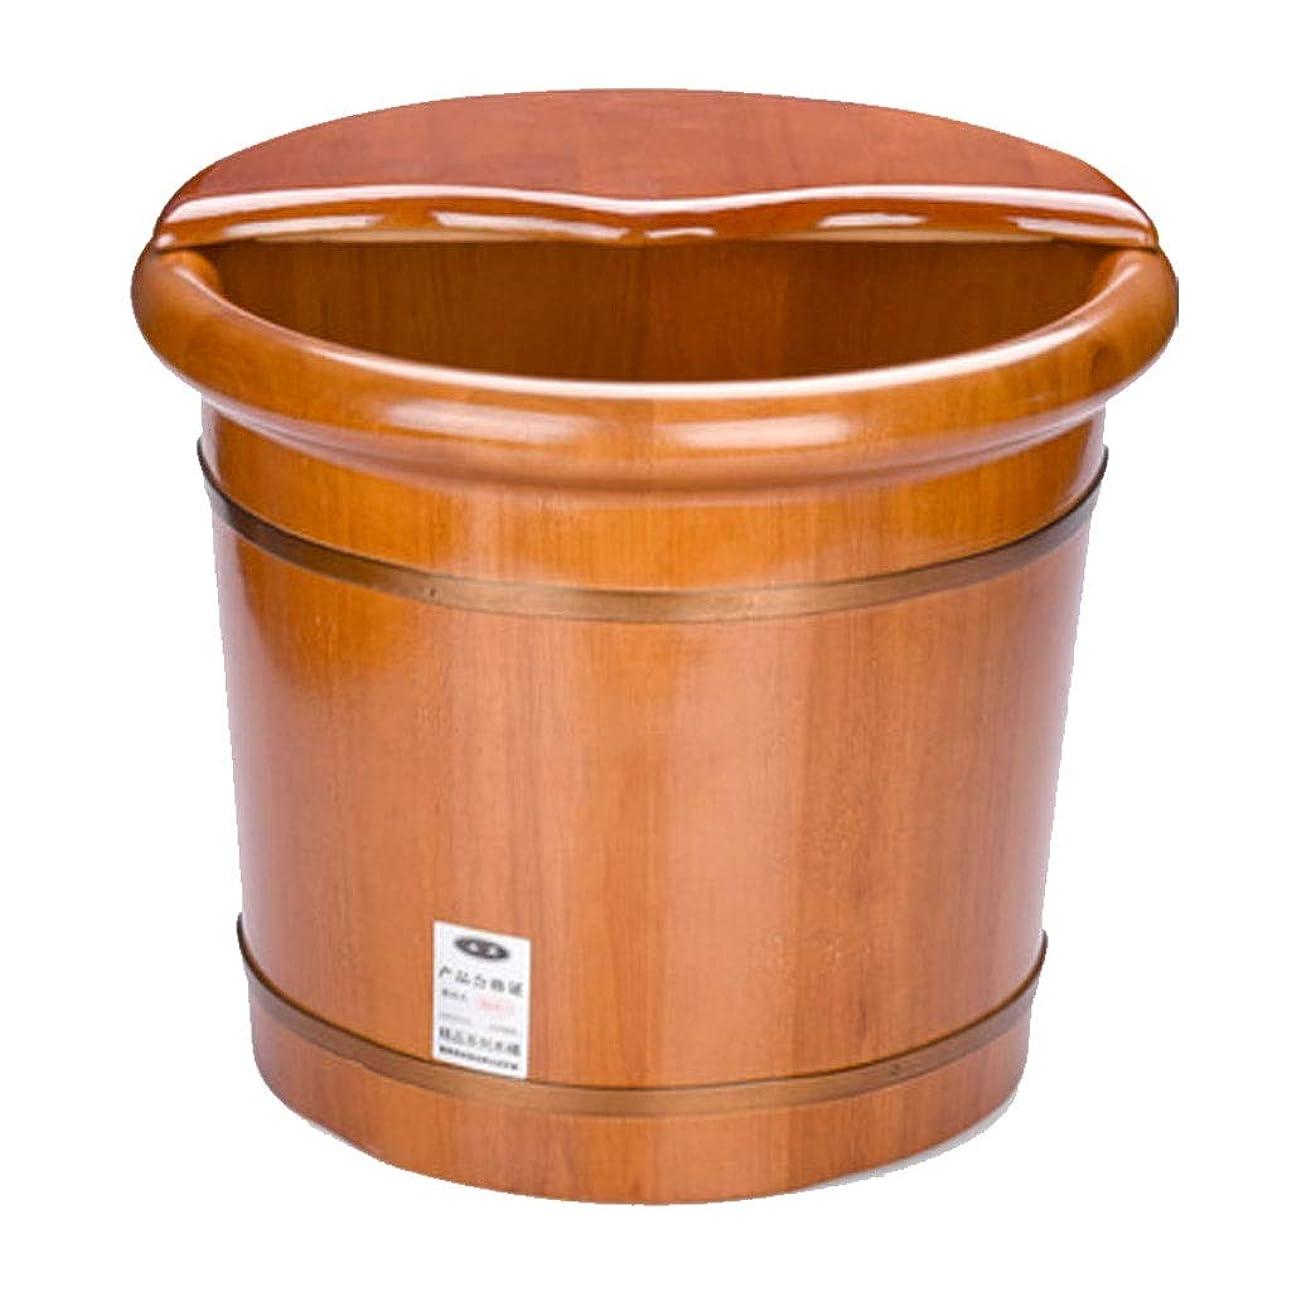 一月支配的時期尚早マッサージクッション マッサージフットバスバレル 家庭用フットウォッシュバレル 35cmフットバス浴槽 オークフットバス 木製フットトリートメント ボトム全体リリーフ指圧 (Color : Brown, Size : 41x35cm)